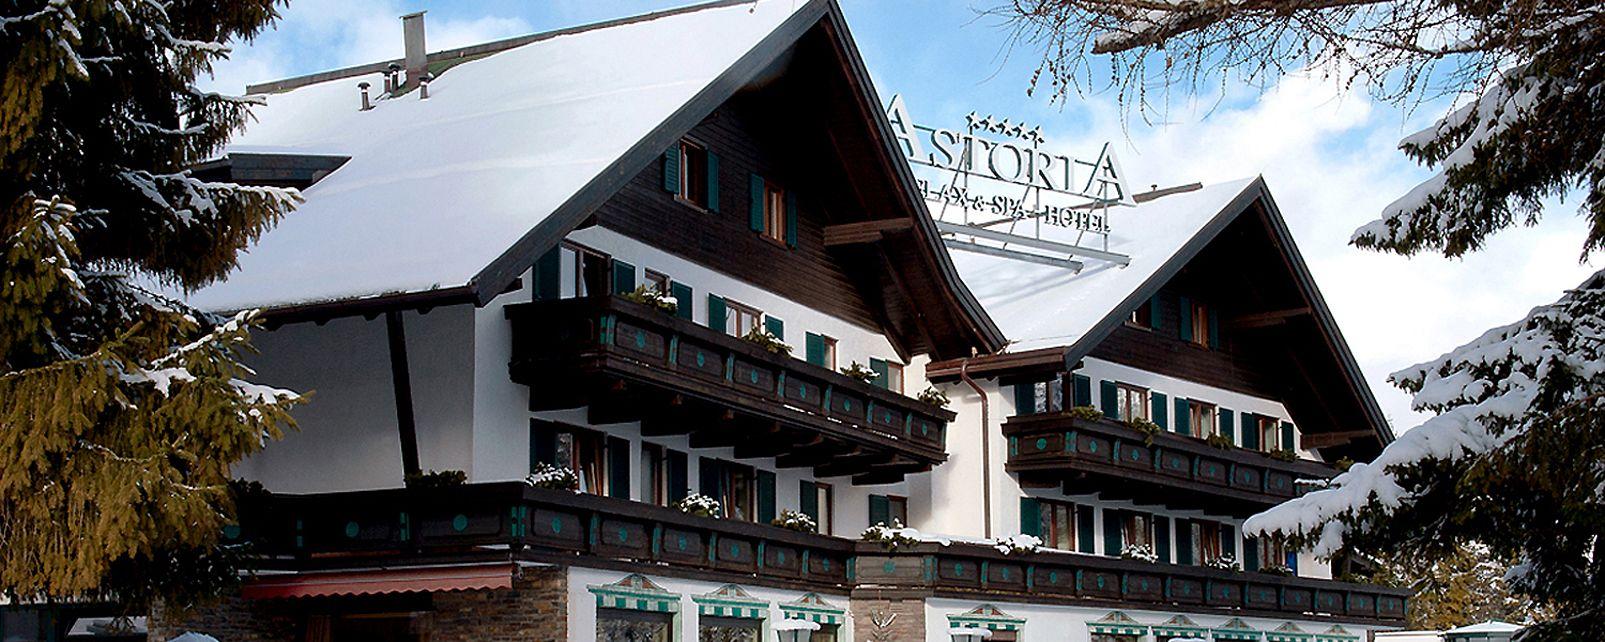 Hôtel Astoria